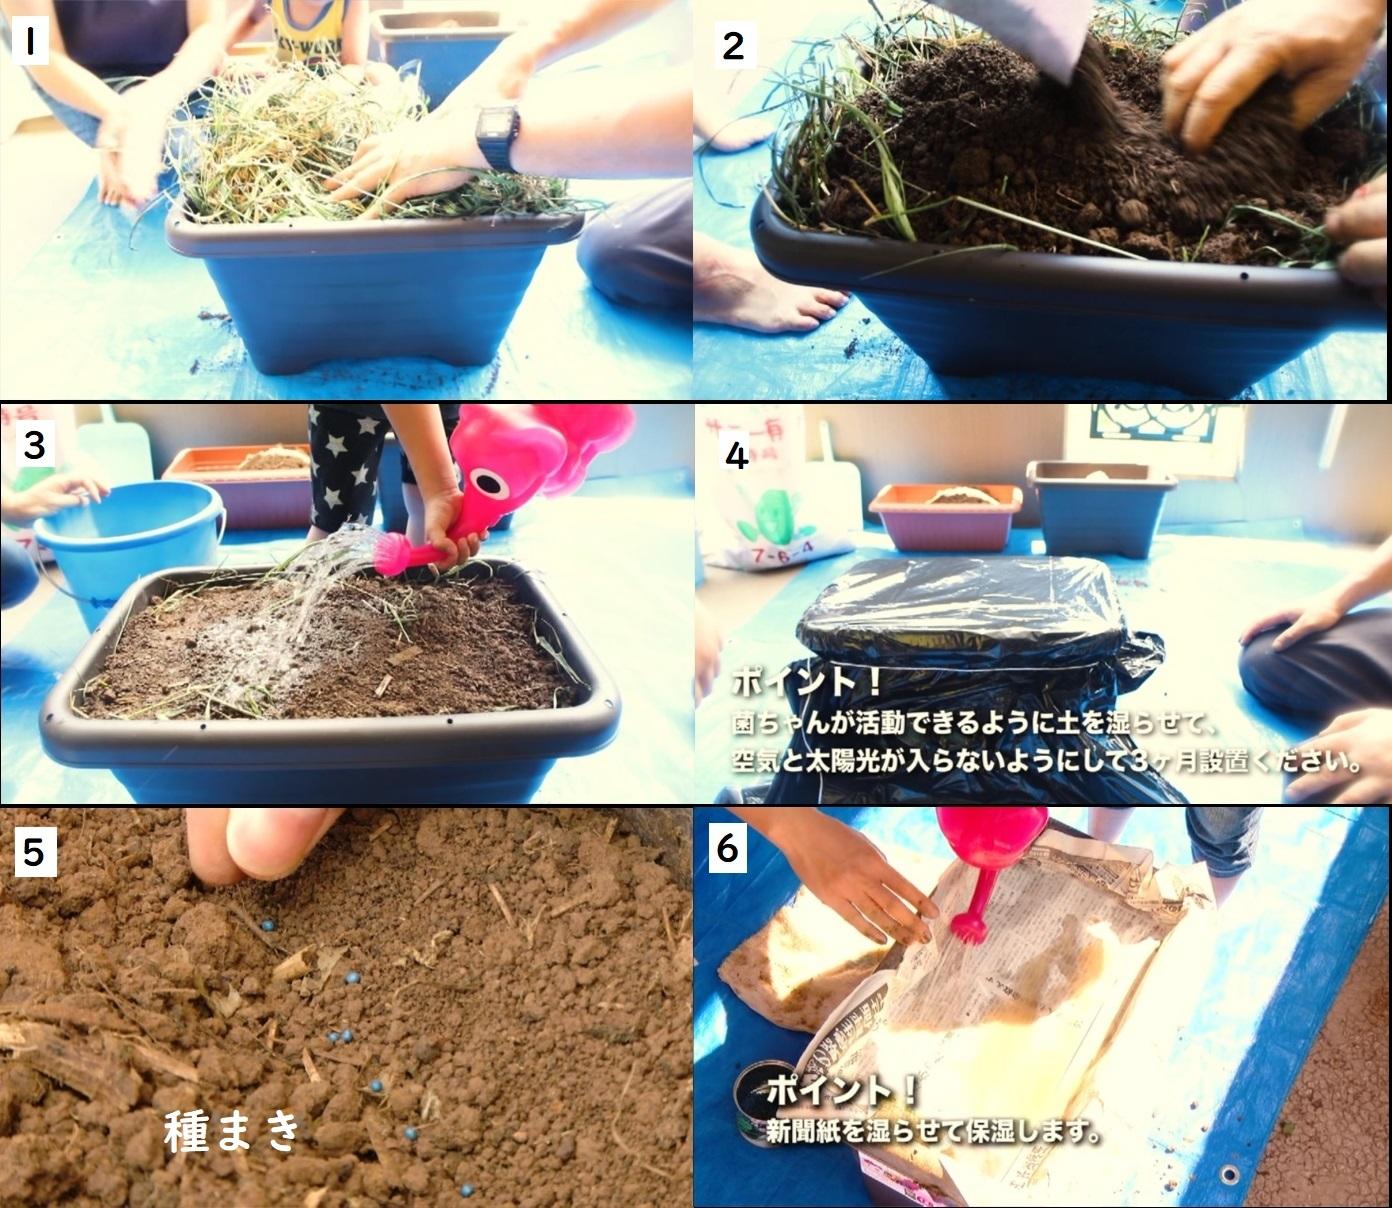 元気野菜づくり6連結_数字入